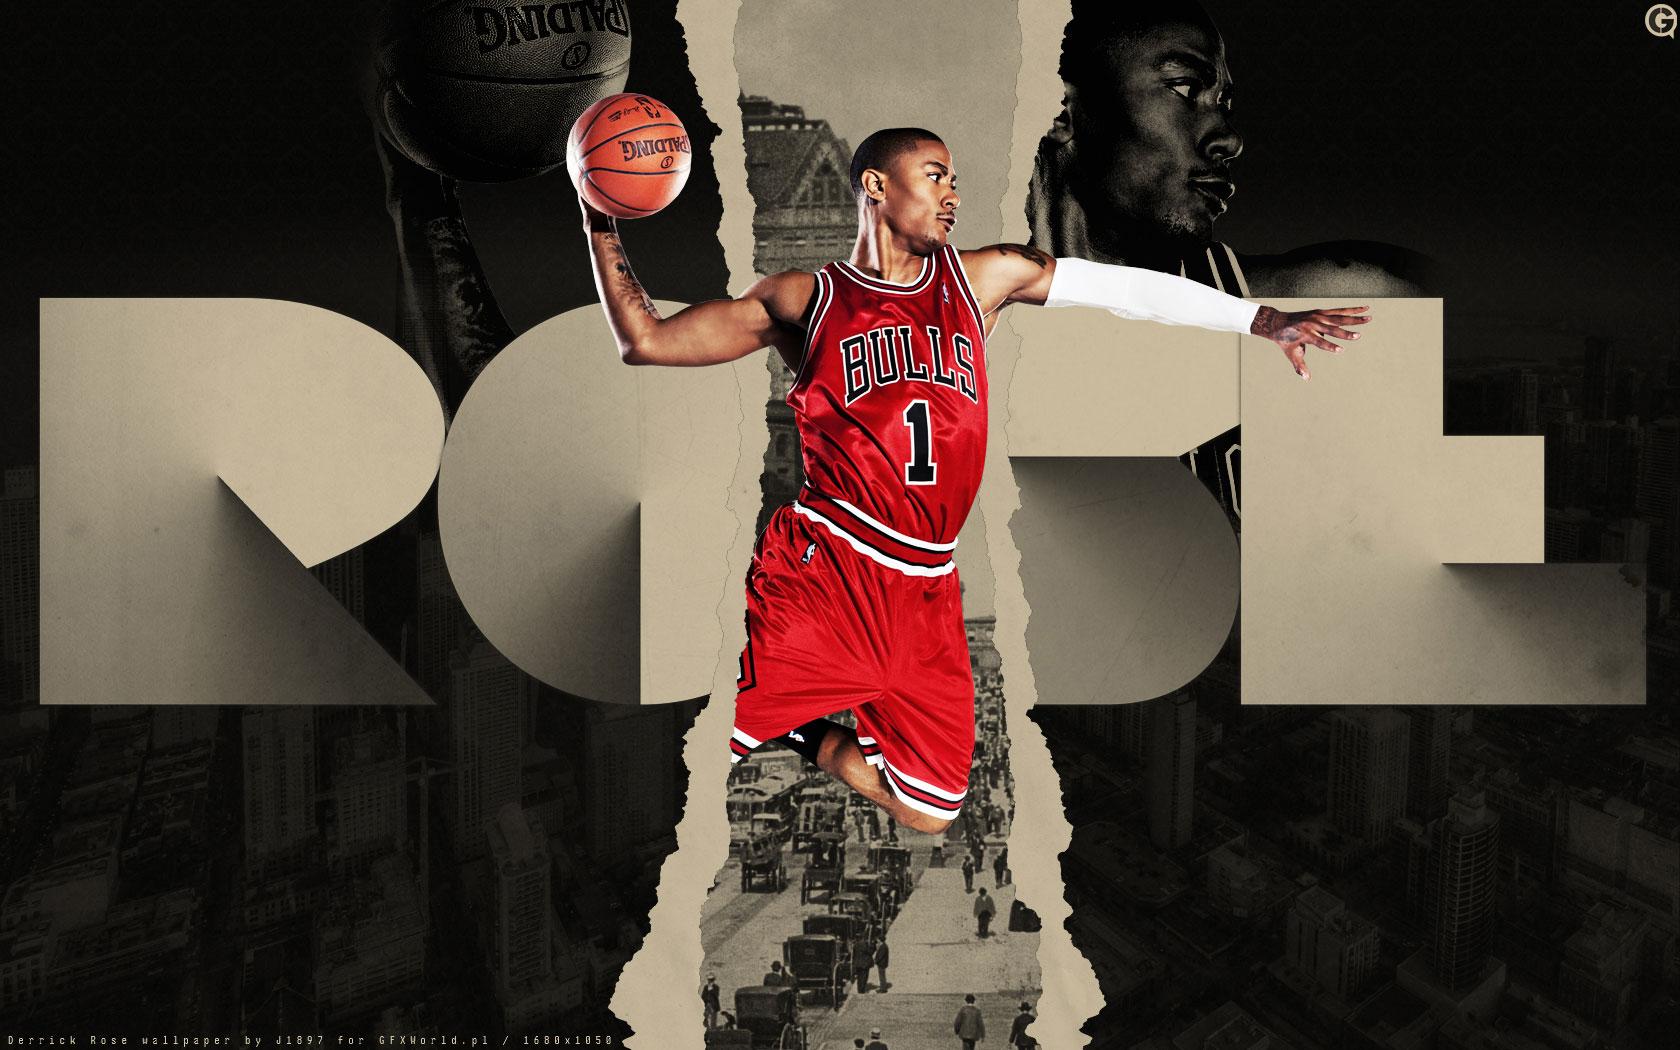 Derrick Rose Bulls Number 1 Widescreen Wallpaper   Basketball 1680x1050